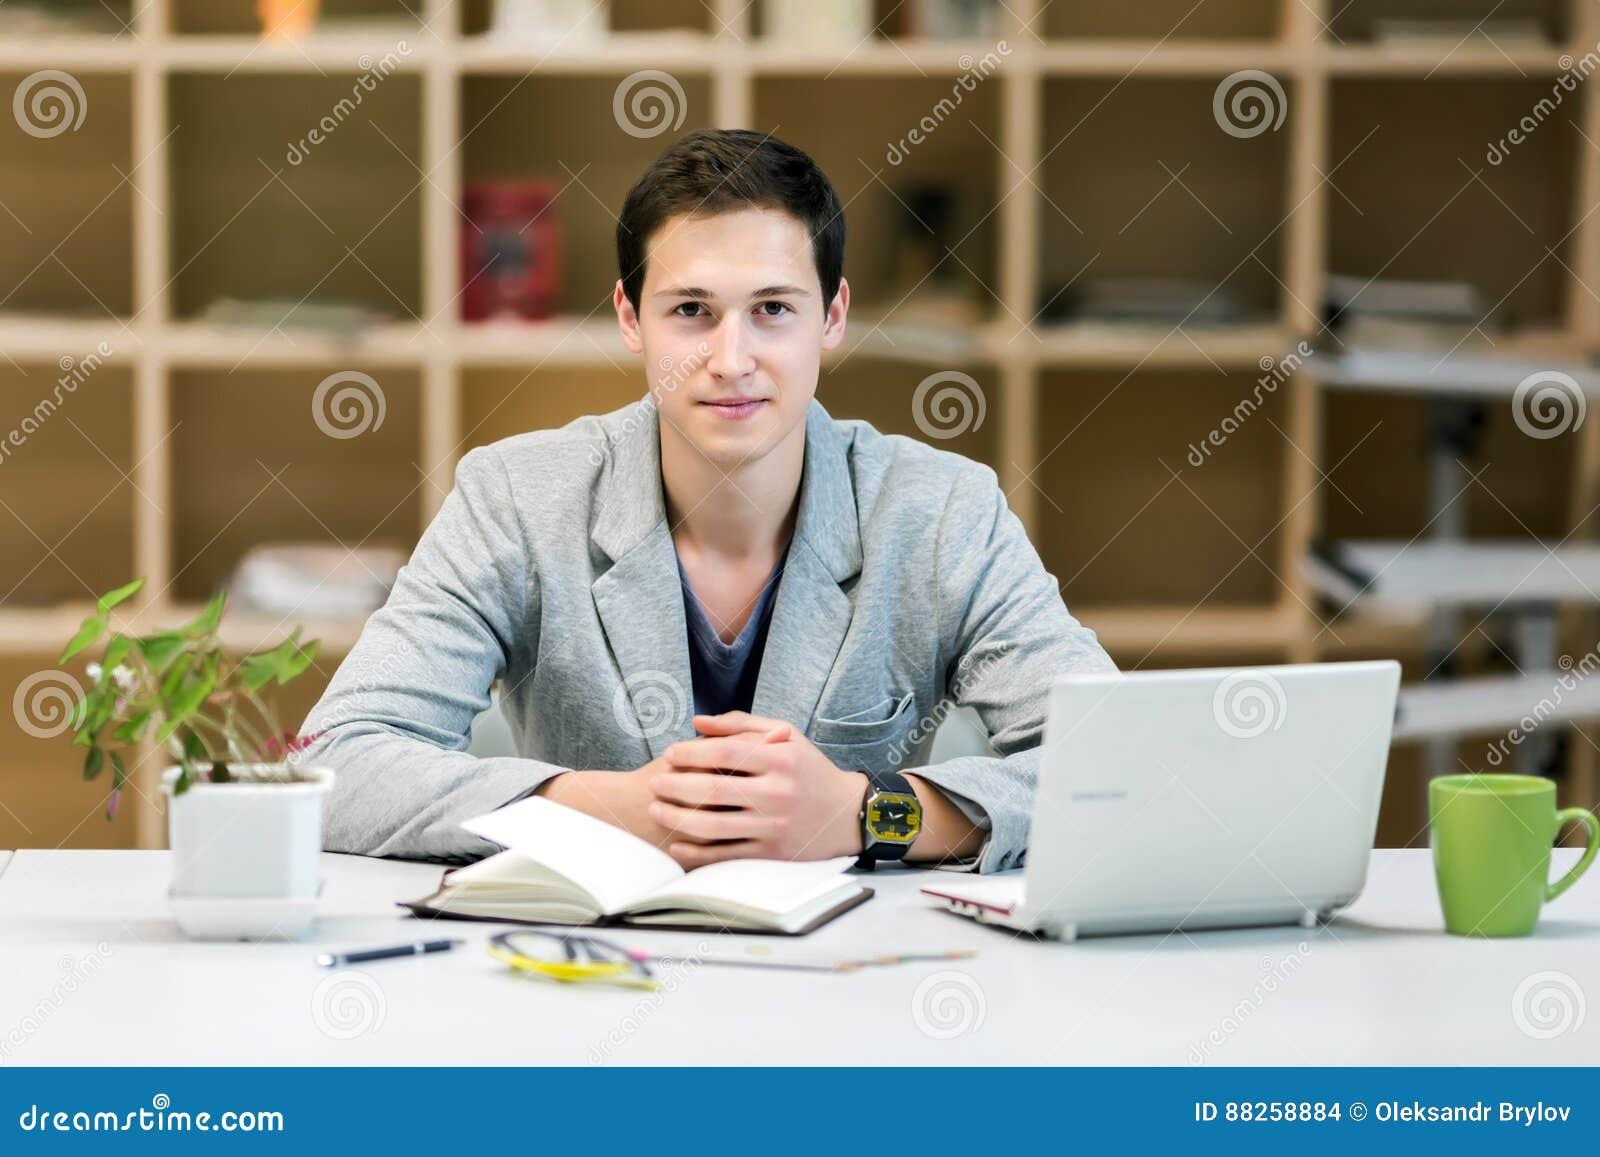 Ritratto di giovane apprendista corporativo al posto di lavoro accogliente